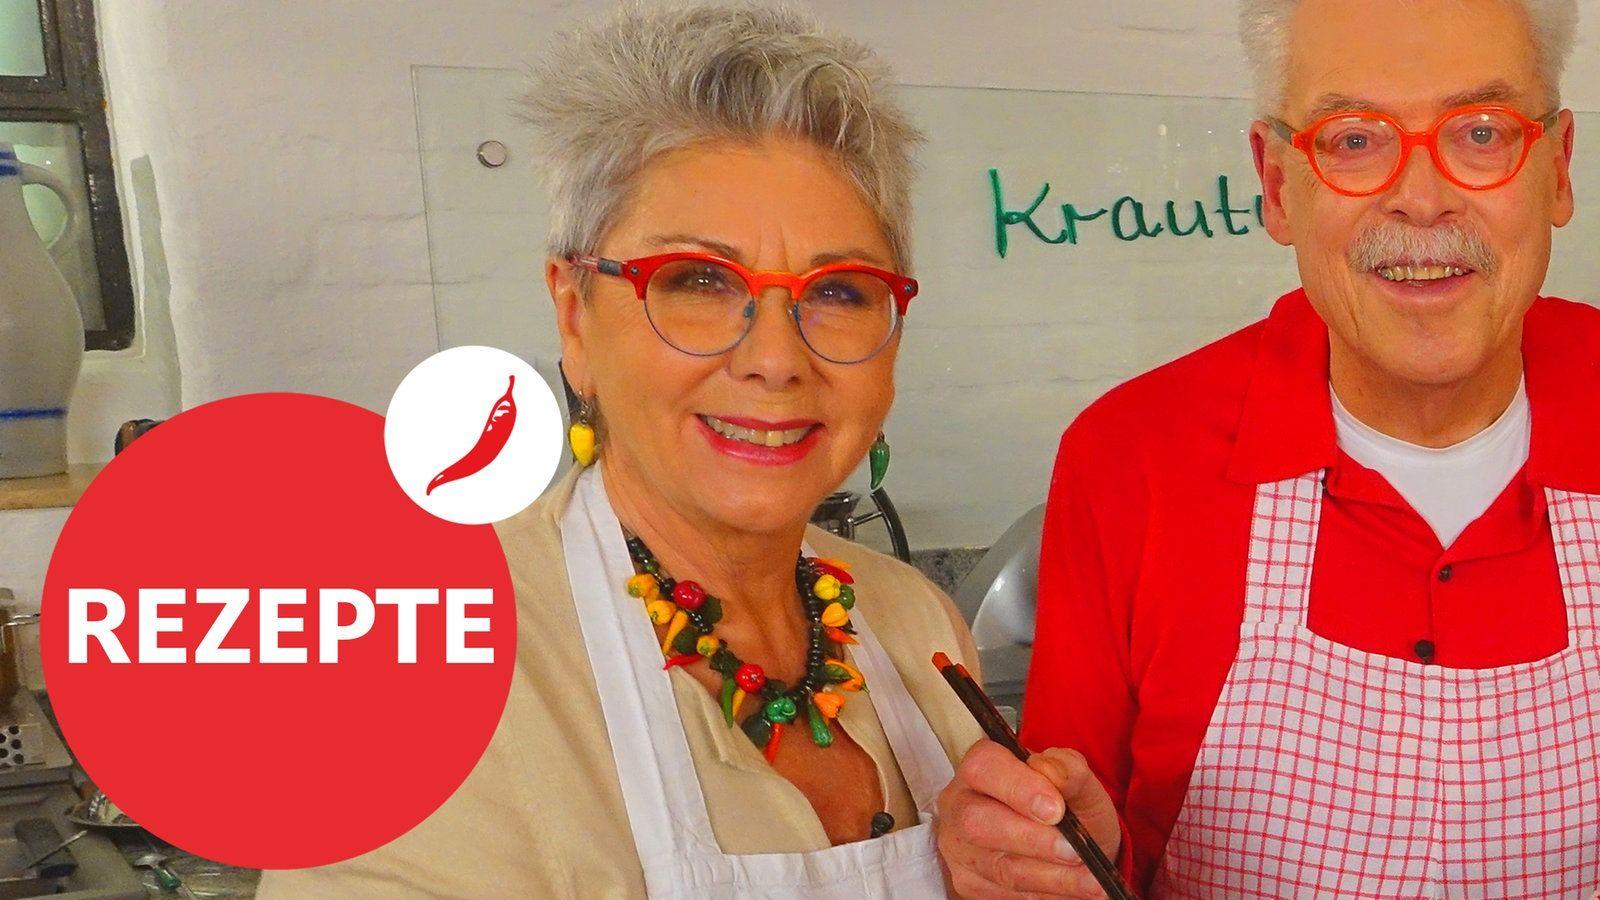 Hier Konnen Sie Alle Rezepte Von Martina Und Moritz Als Pdf Downloaden Martina Und Moritz Rezepte Landfrauen Rezepte